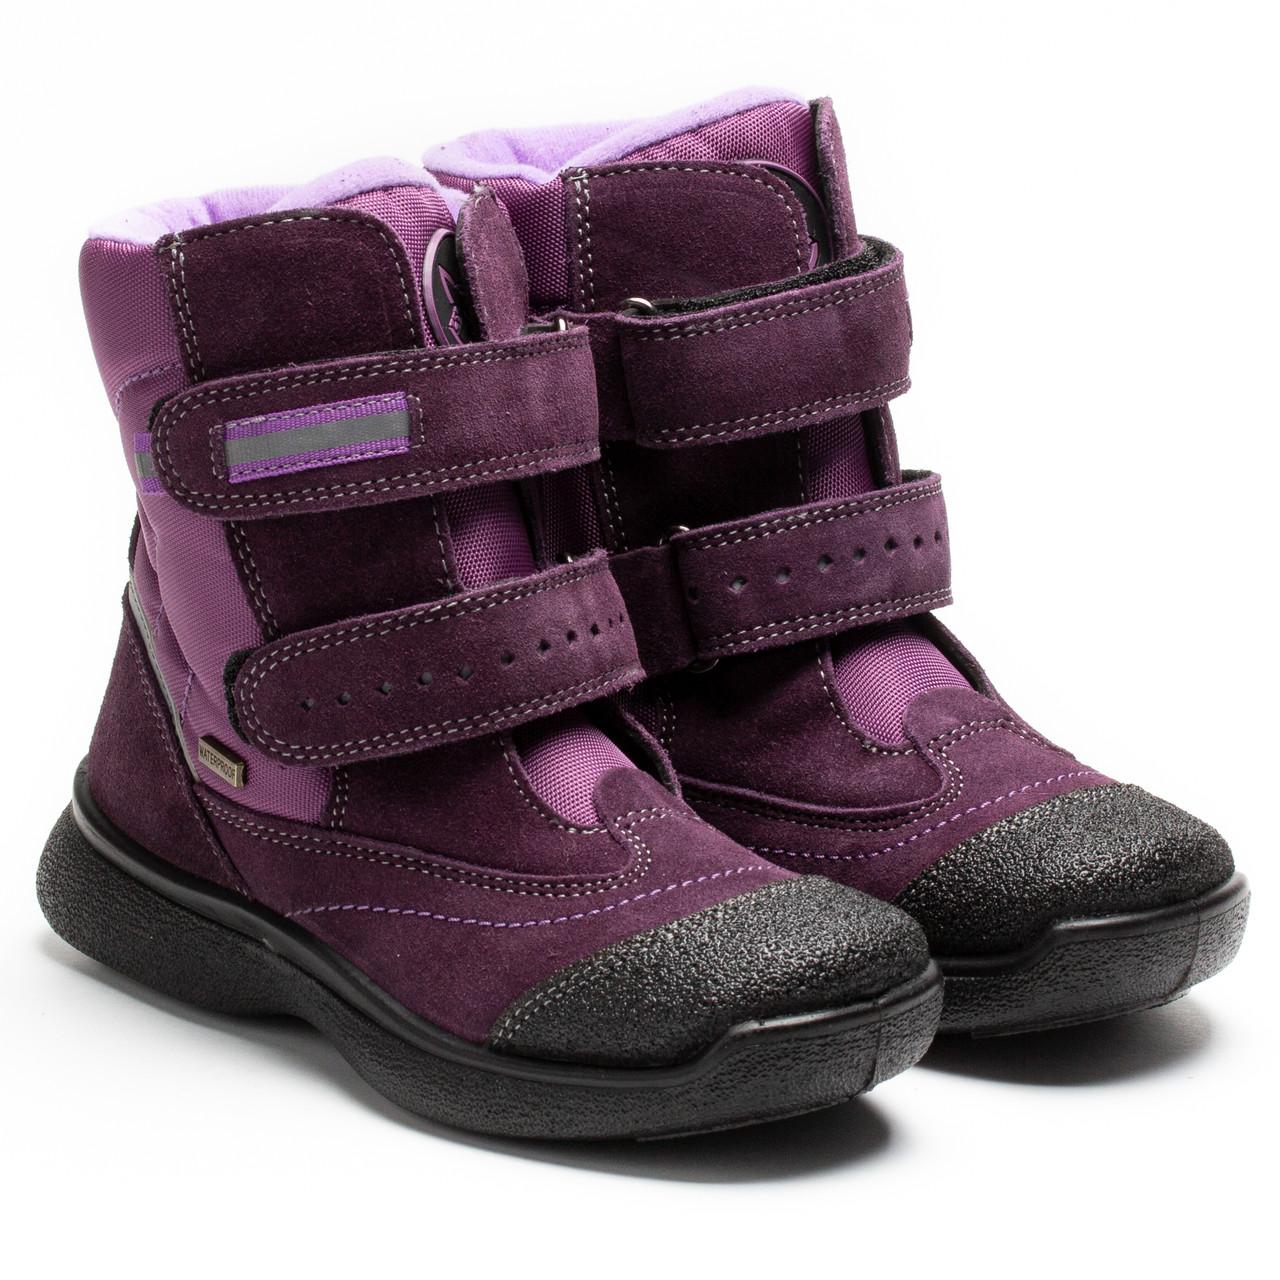 Зимние сапоги Tigina, на мембране для девочки, размер 29-32 *